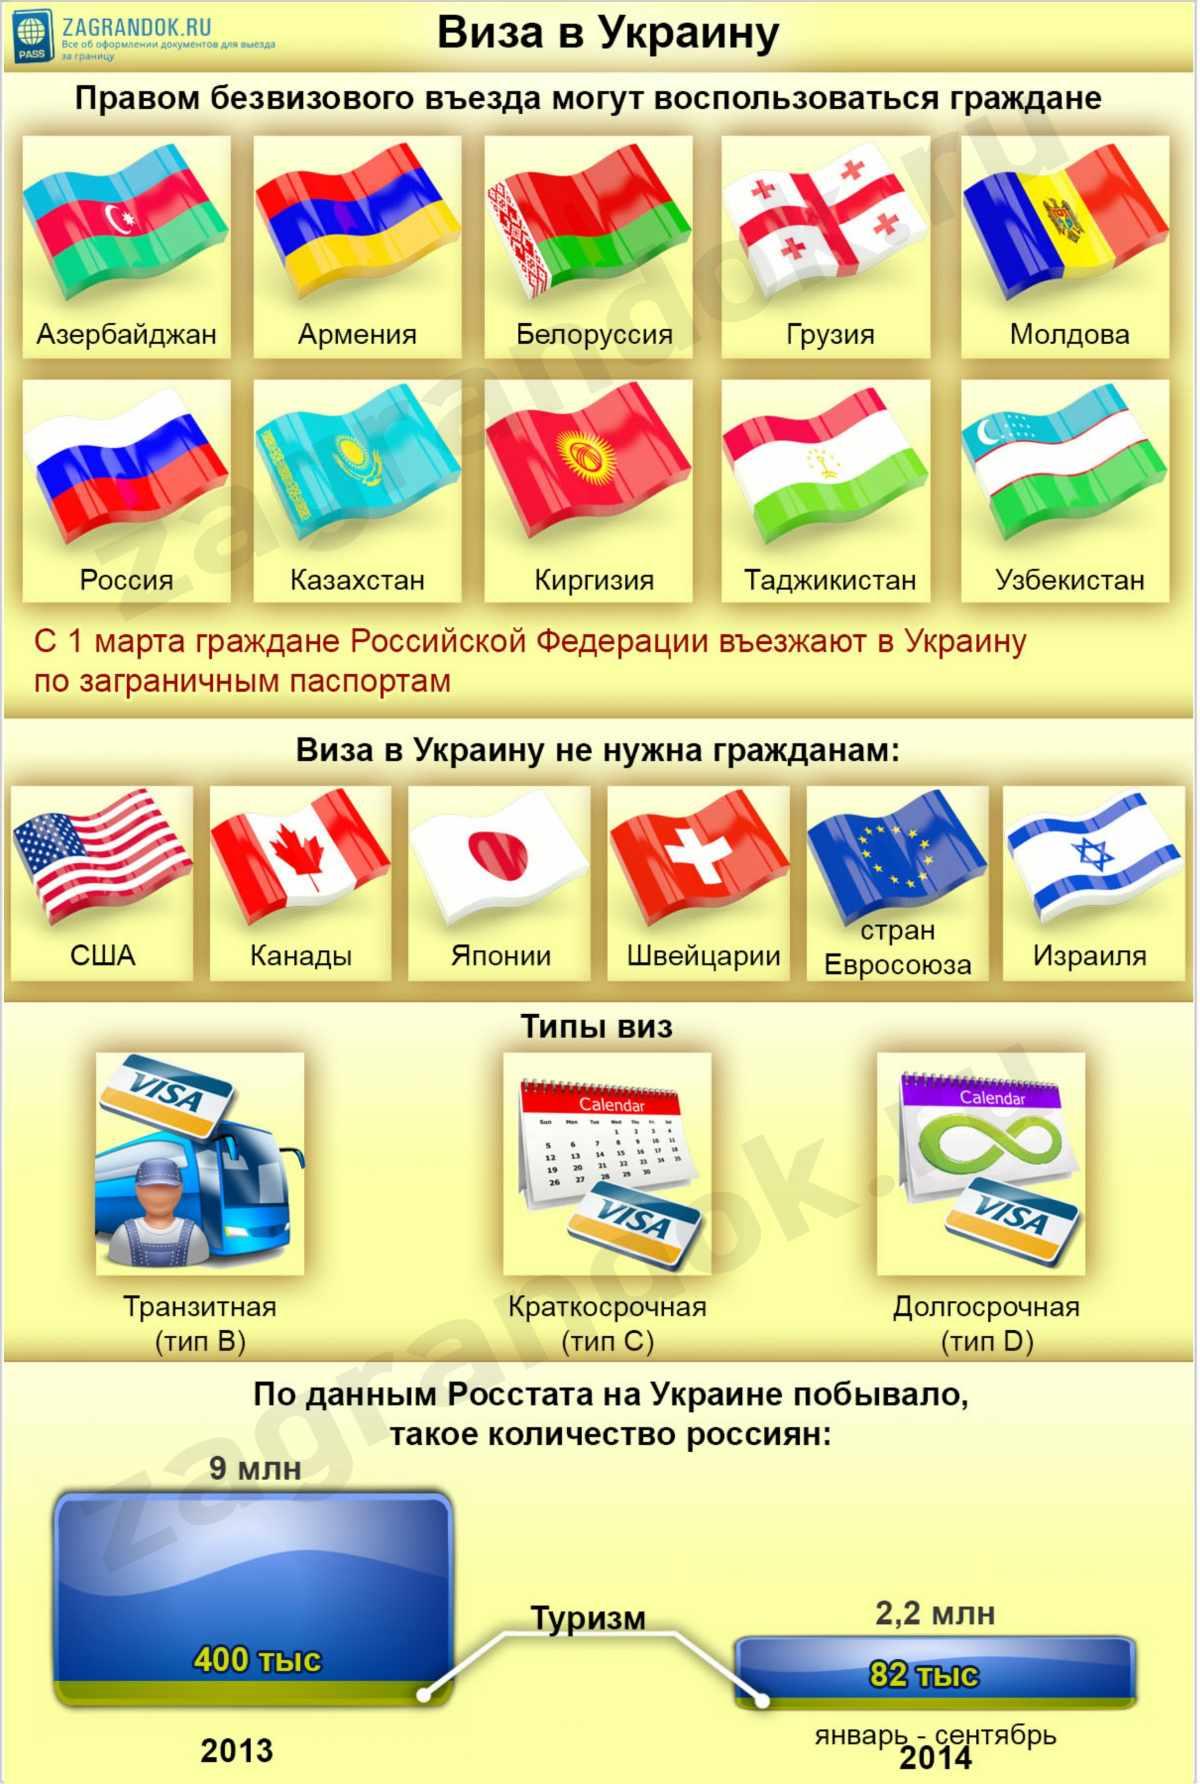 Виза в Украину копия